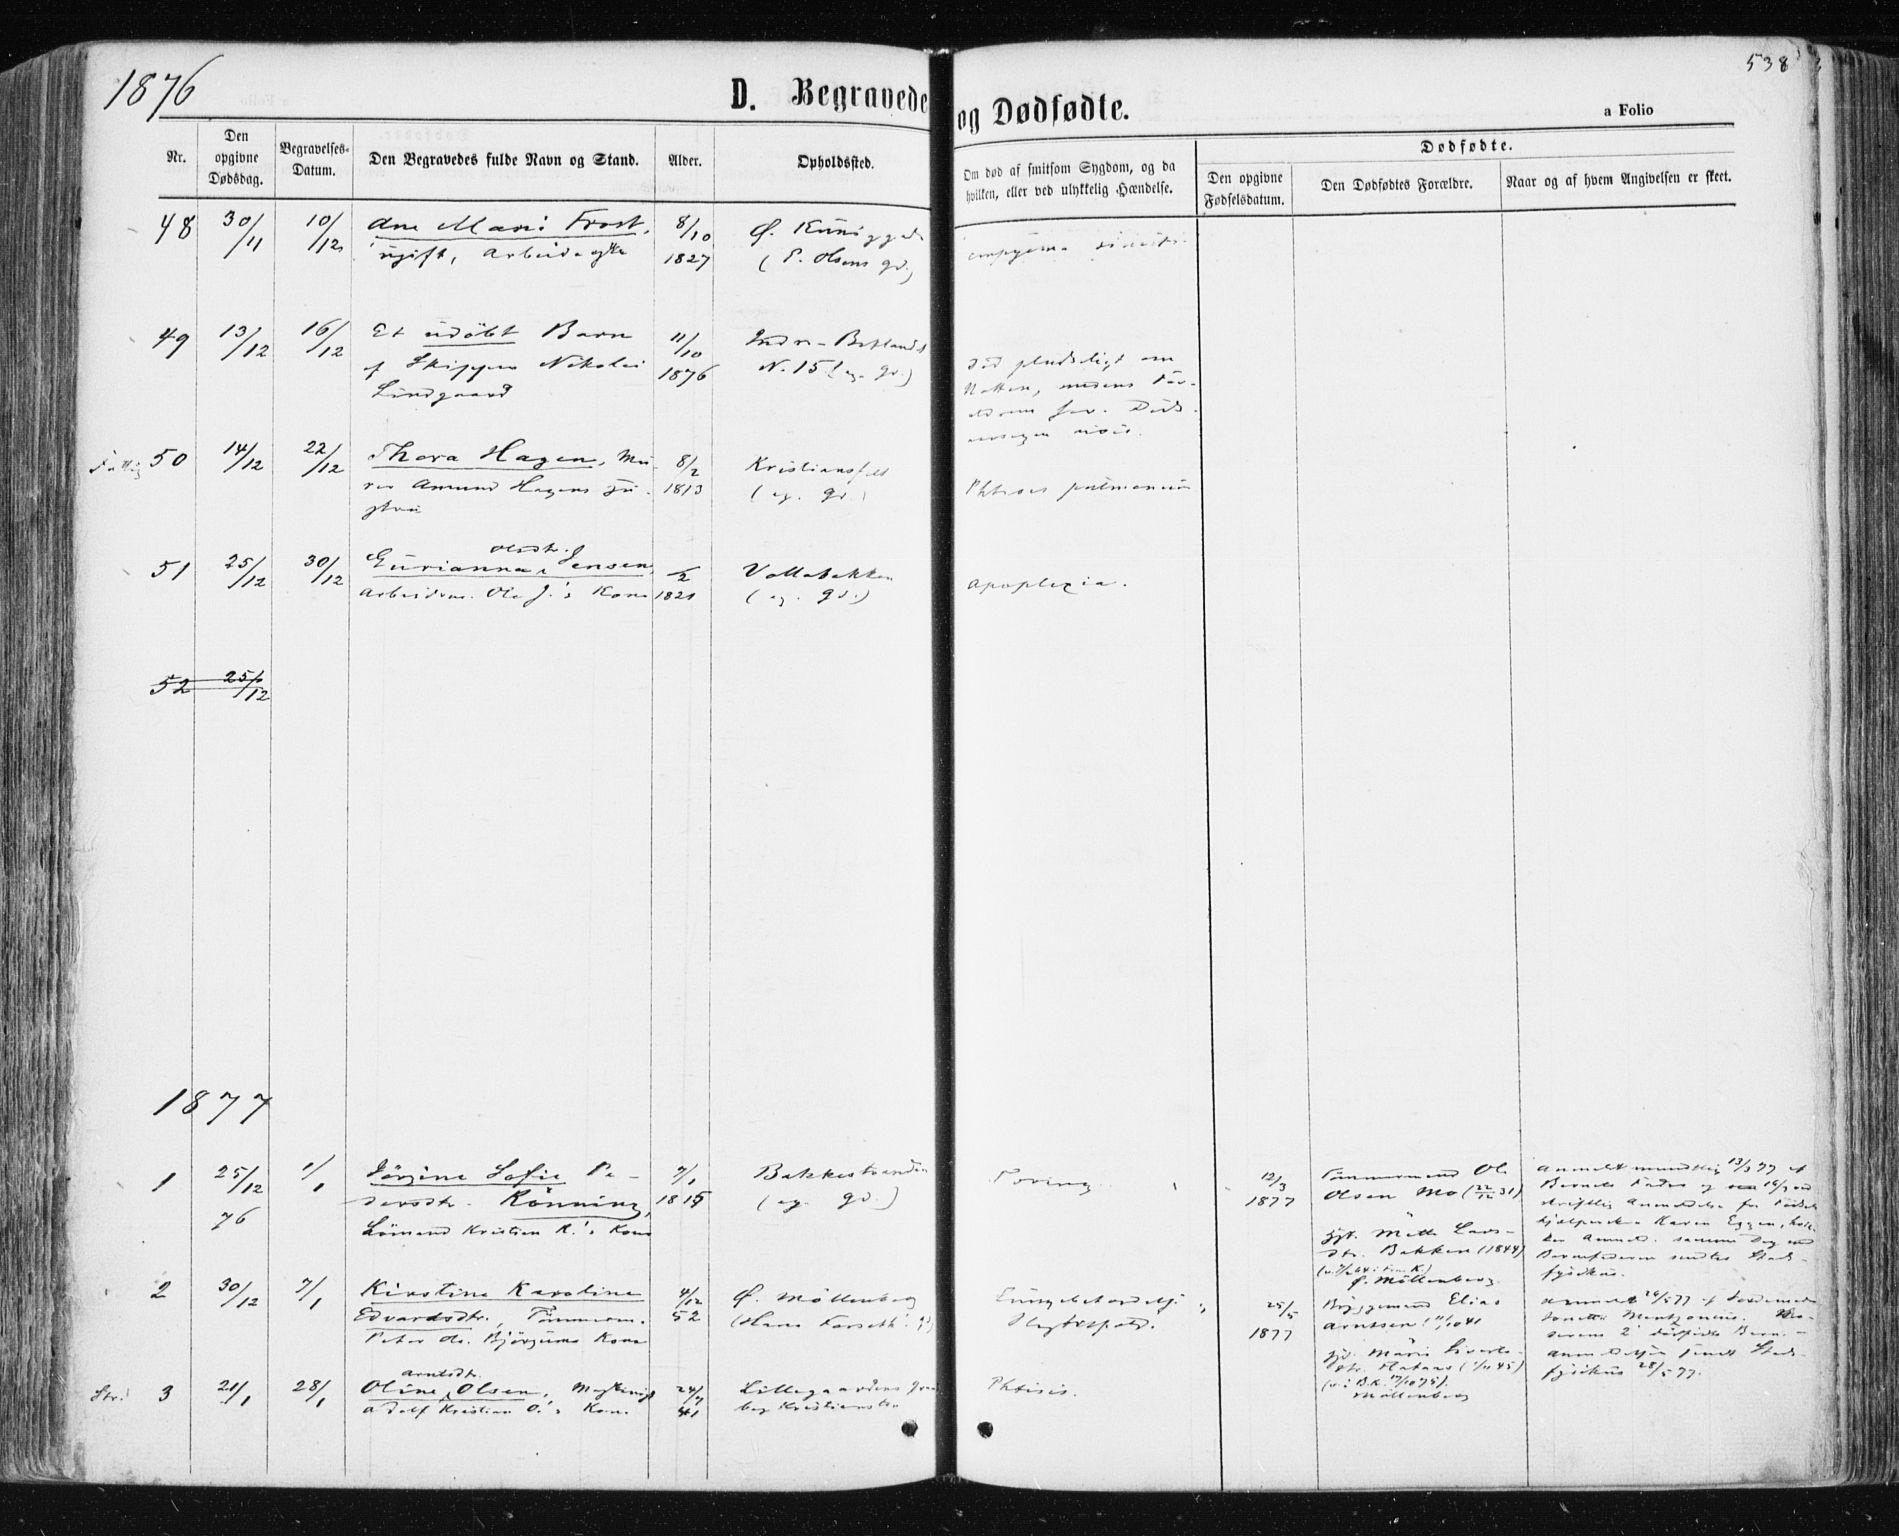 SAT, Ministerialprotokoller, klokkerbøker og fødselsregistre - Sør-Trøndelag, 604/L0186: Ministerialbok nr. 604A07, 1866-1877, s. 538